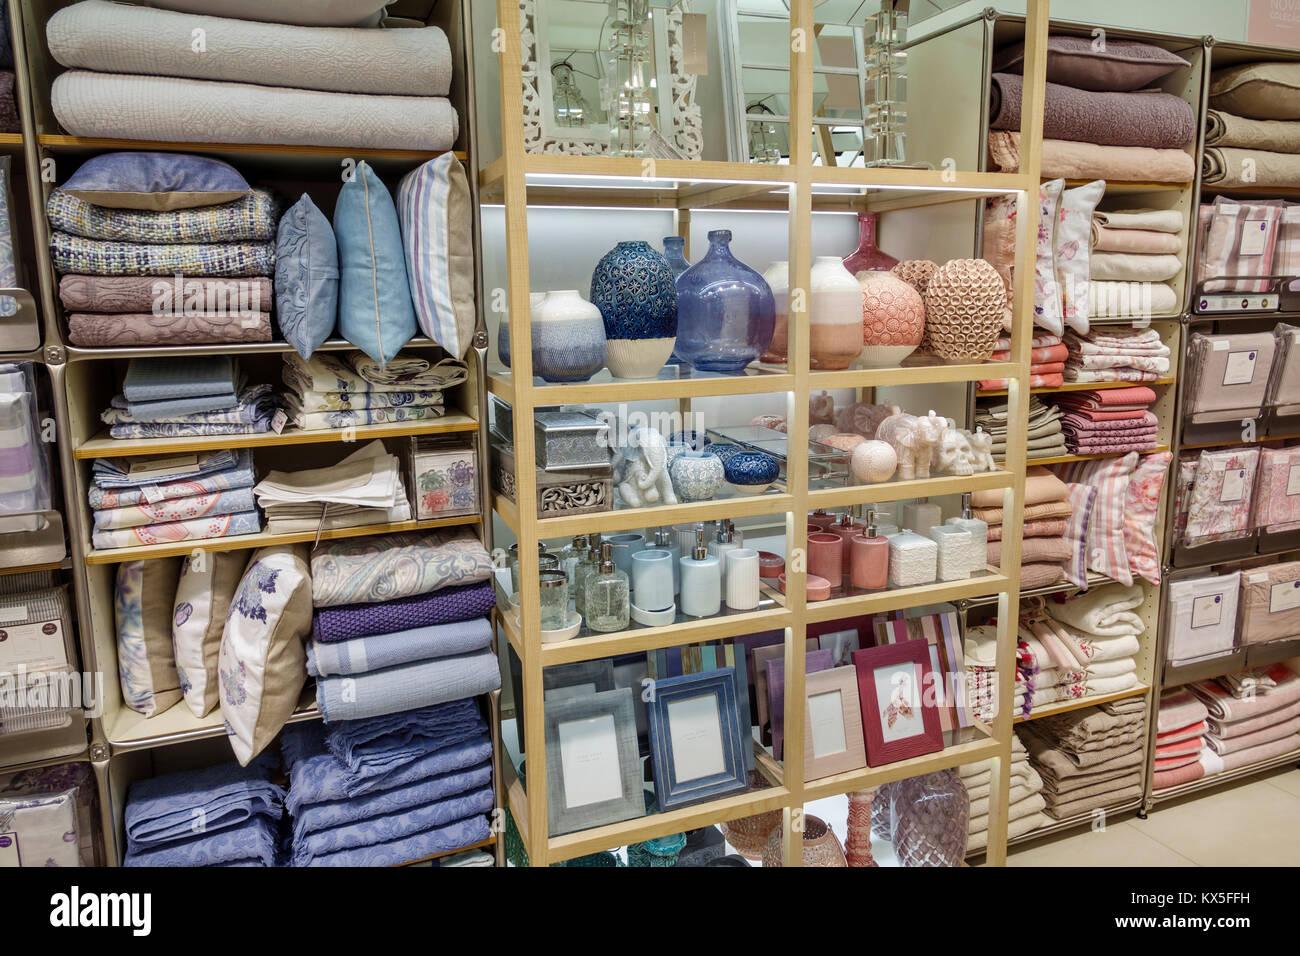 Porto Portugal Rotunda Da Boavista Zara Home Department Store Stock